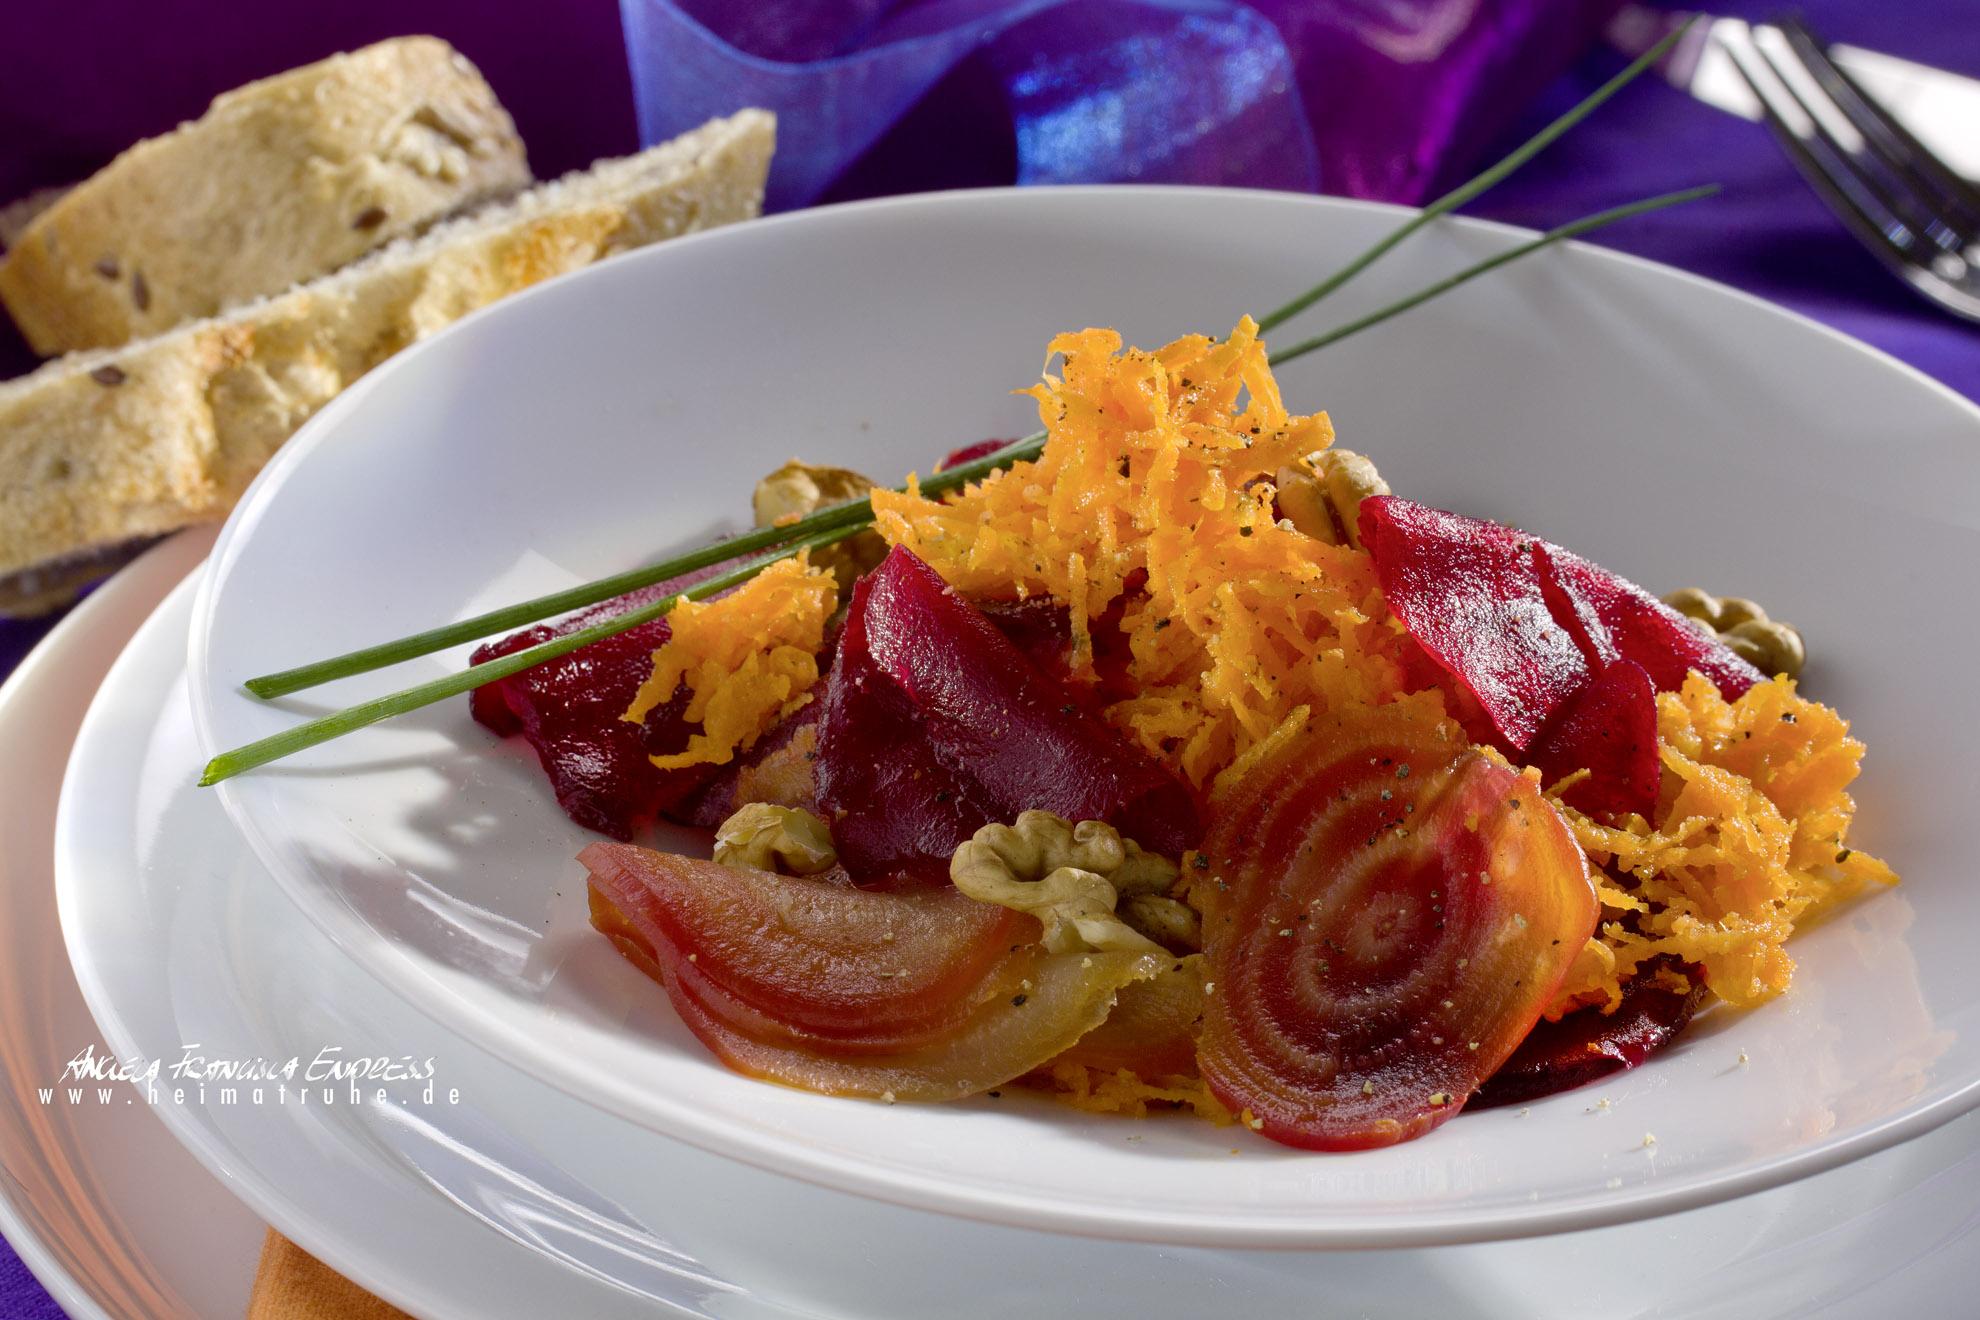 Möhren und Rote Beete Salat mit Schnittlauch